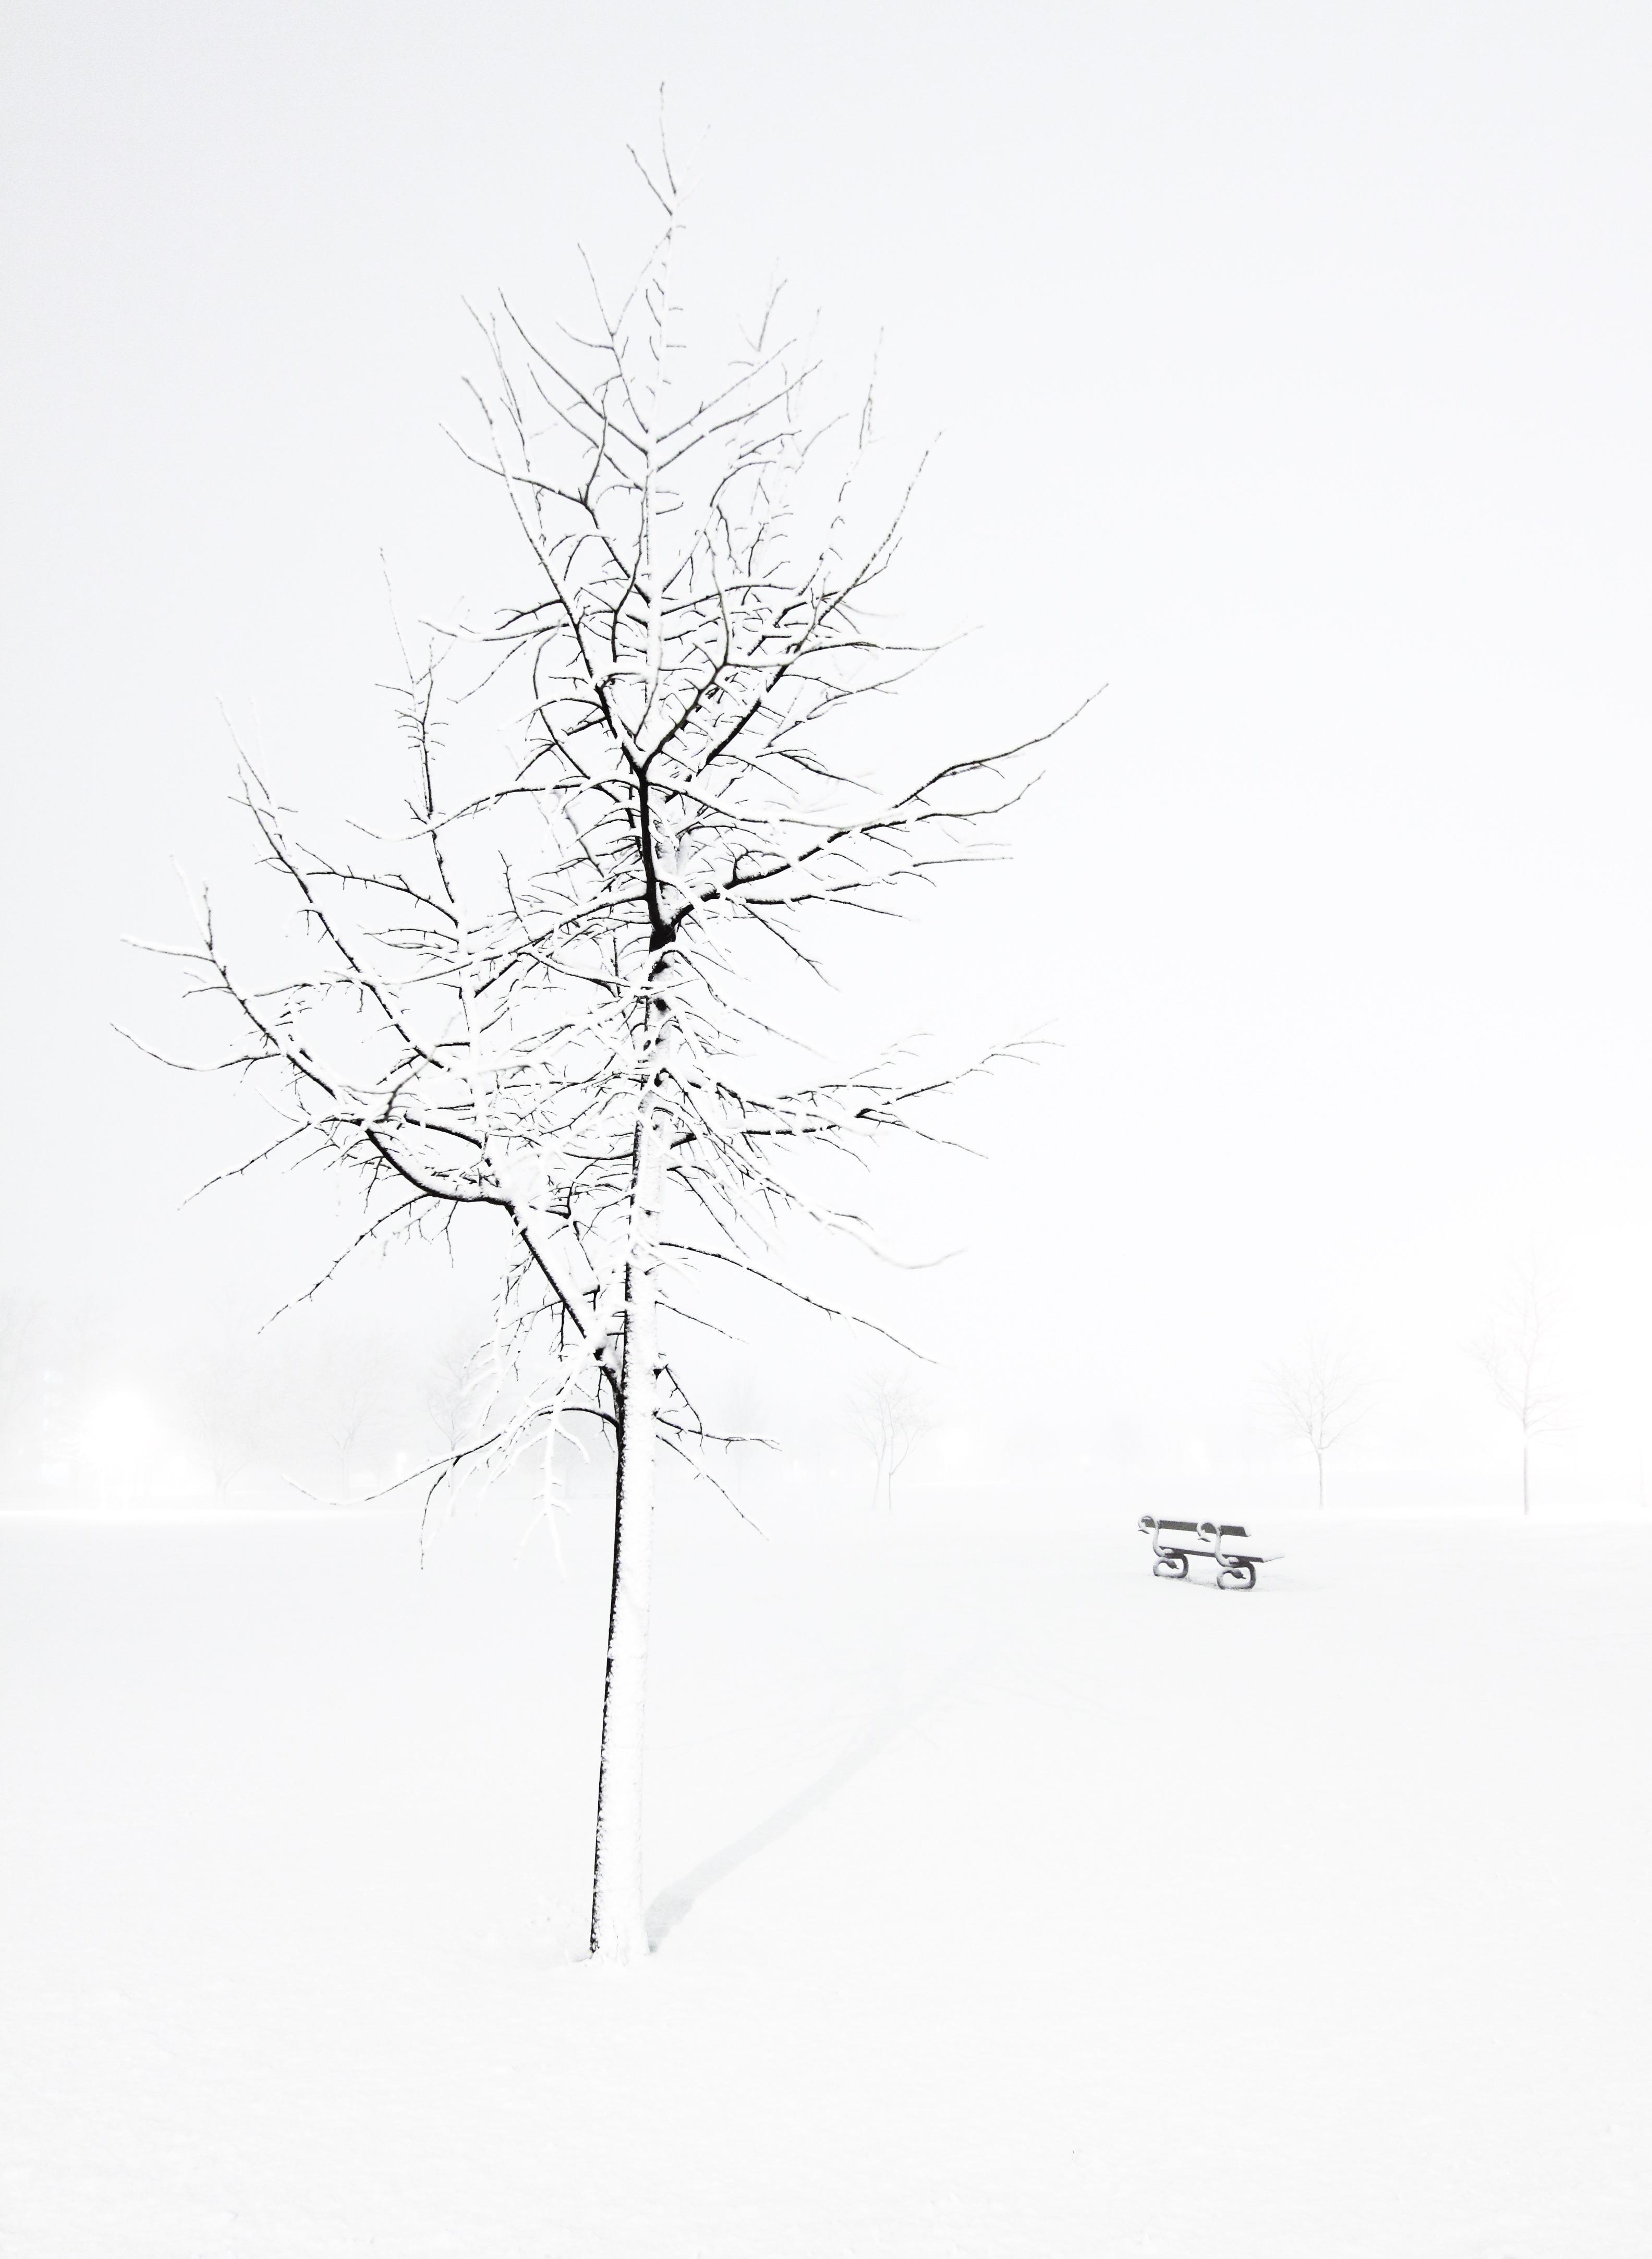 Images Gratuites Arbre Branche Du Froid Hiver Noir Et Blanc